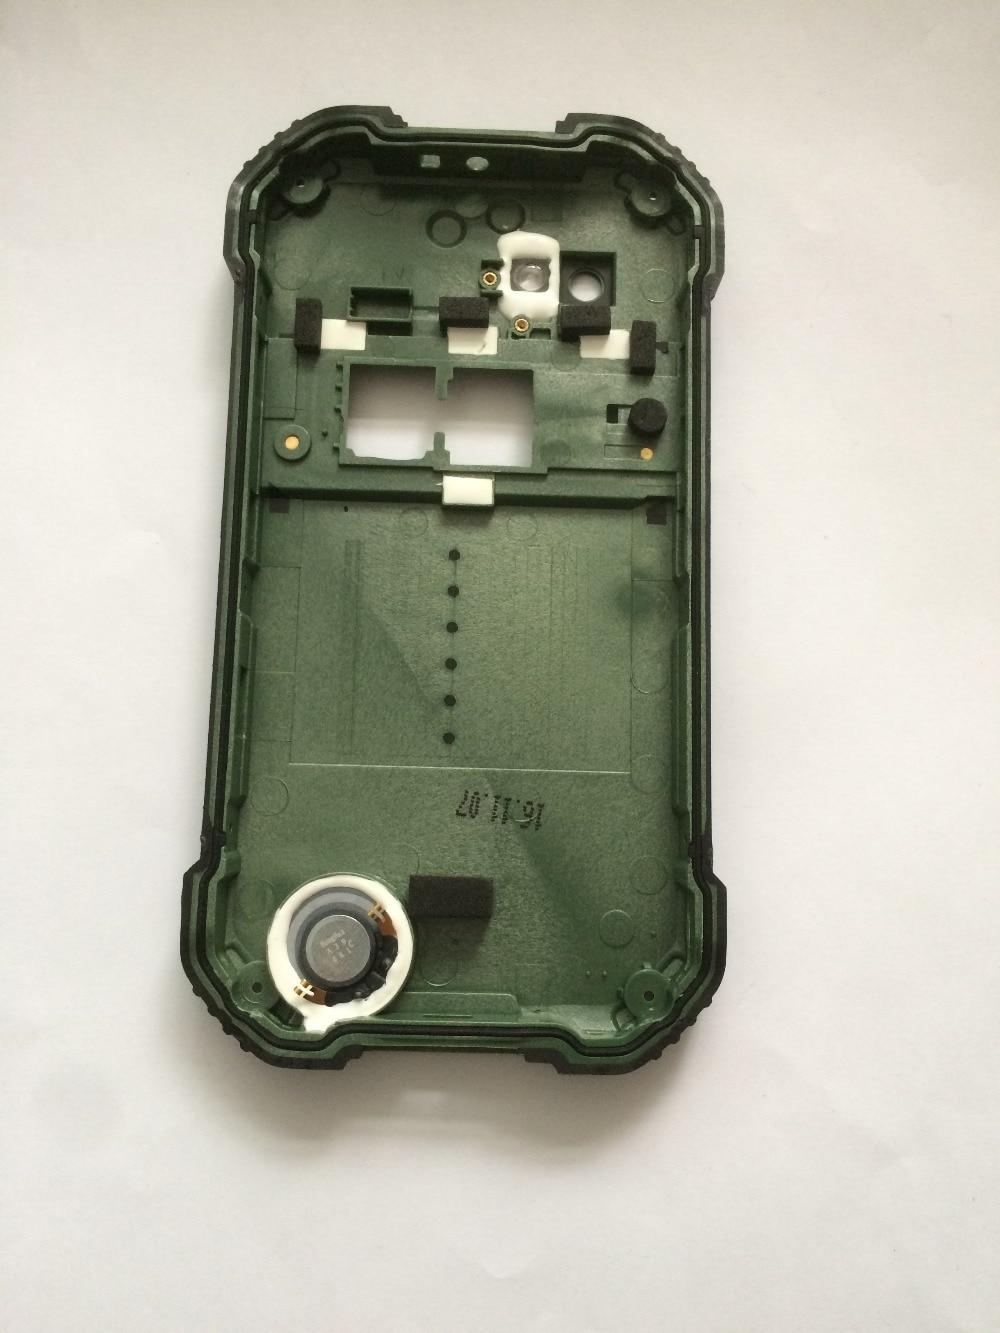 Image 5 - New Blackview BV6000 Battery Cover Back Shell+Loud Speaker For Blackview BV6000S Phone Smartphone+tracking number-in Mobile Phone Housings & Frames from Cellphones & Telecommunications